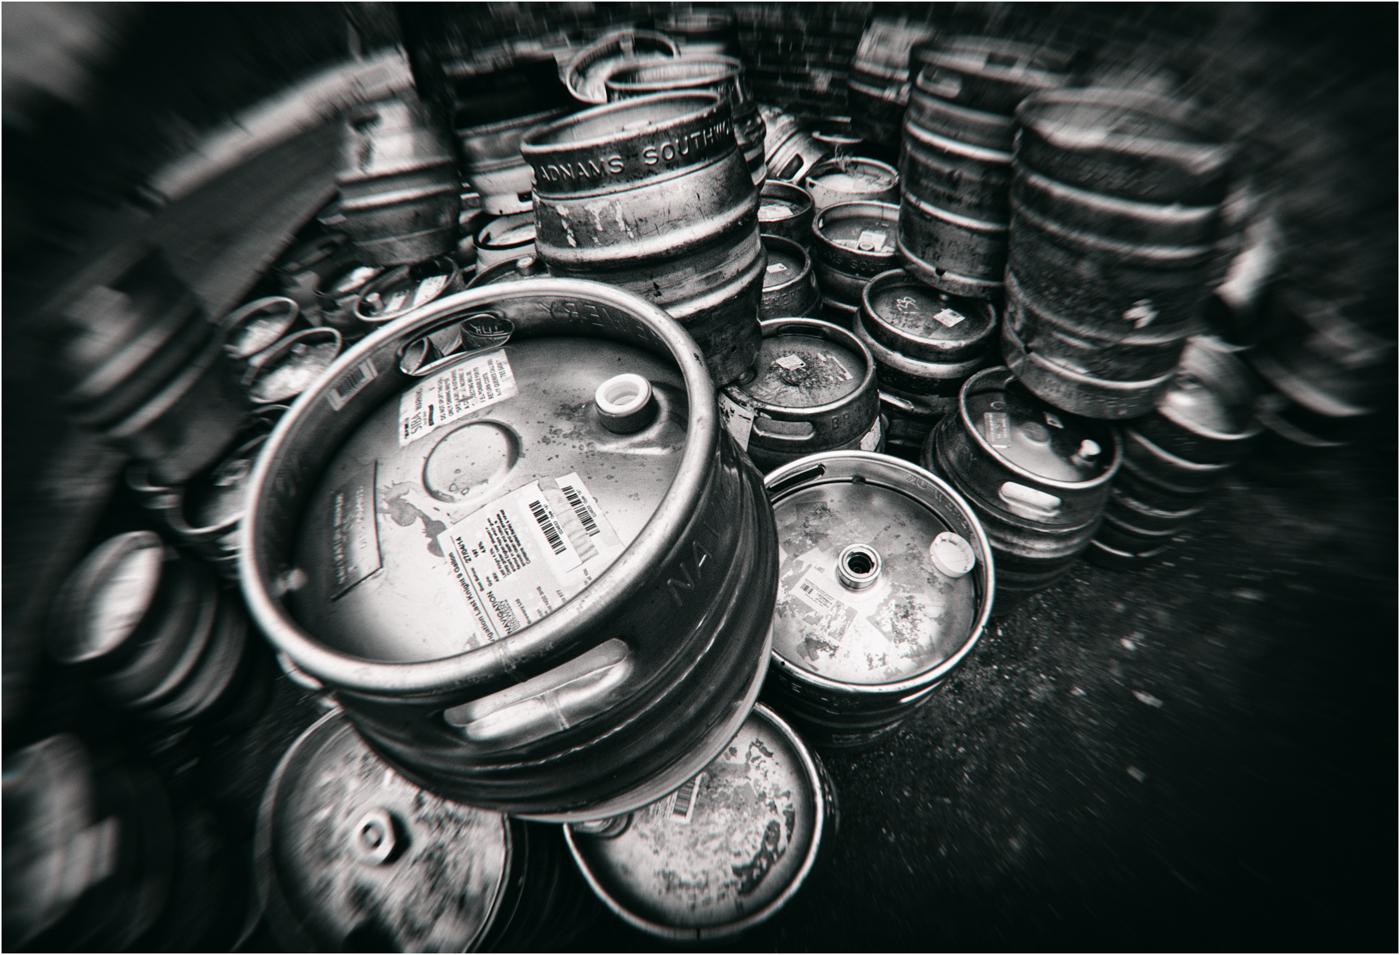 More beer. IR, 8mm, f5.6, iso 400.